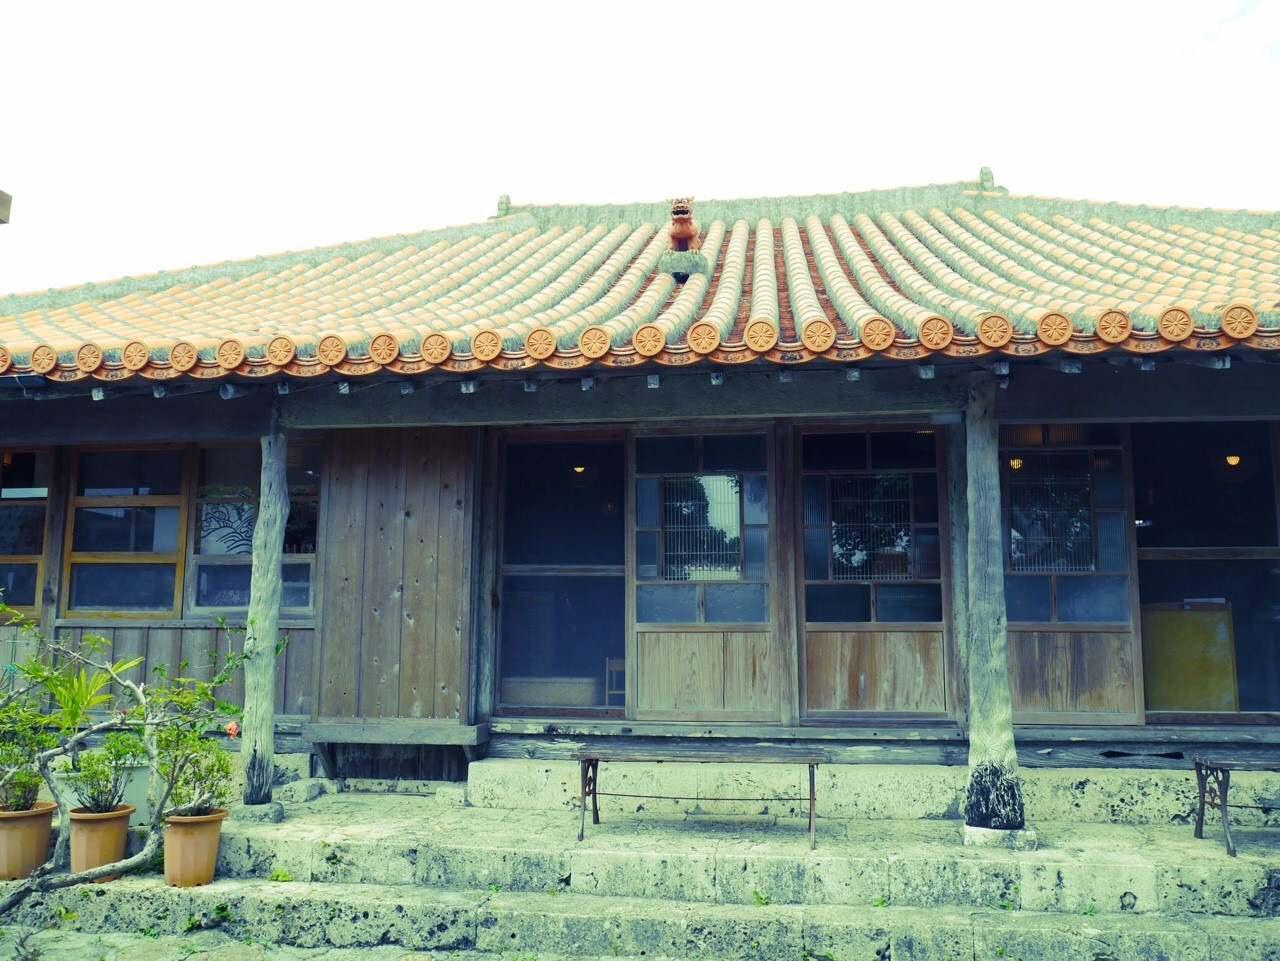 【沖縄】琉球の庭園を見ながらor古民家 どっちでご飯を食べよう